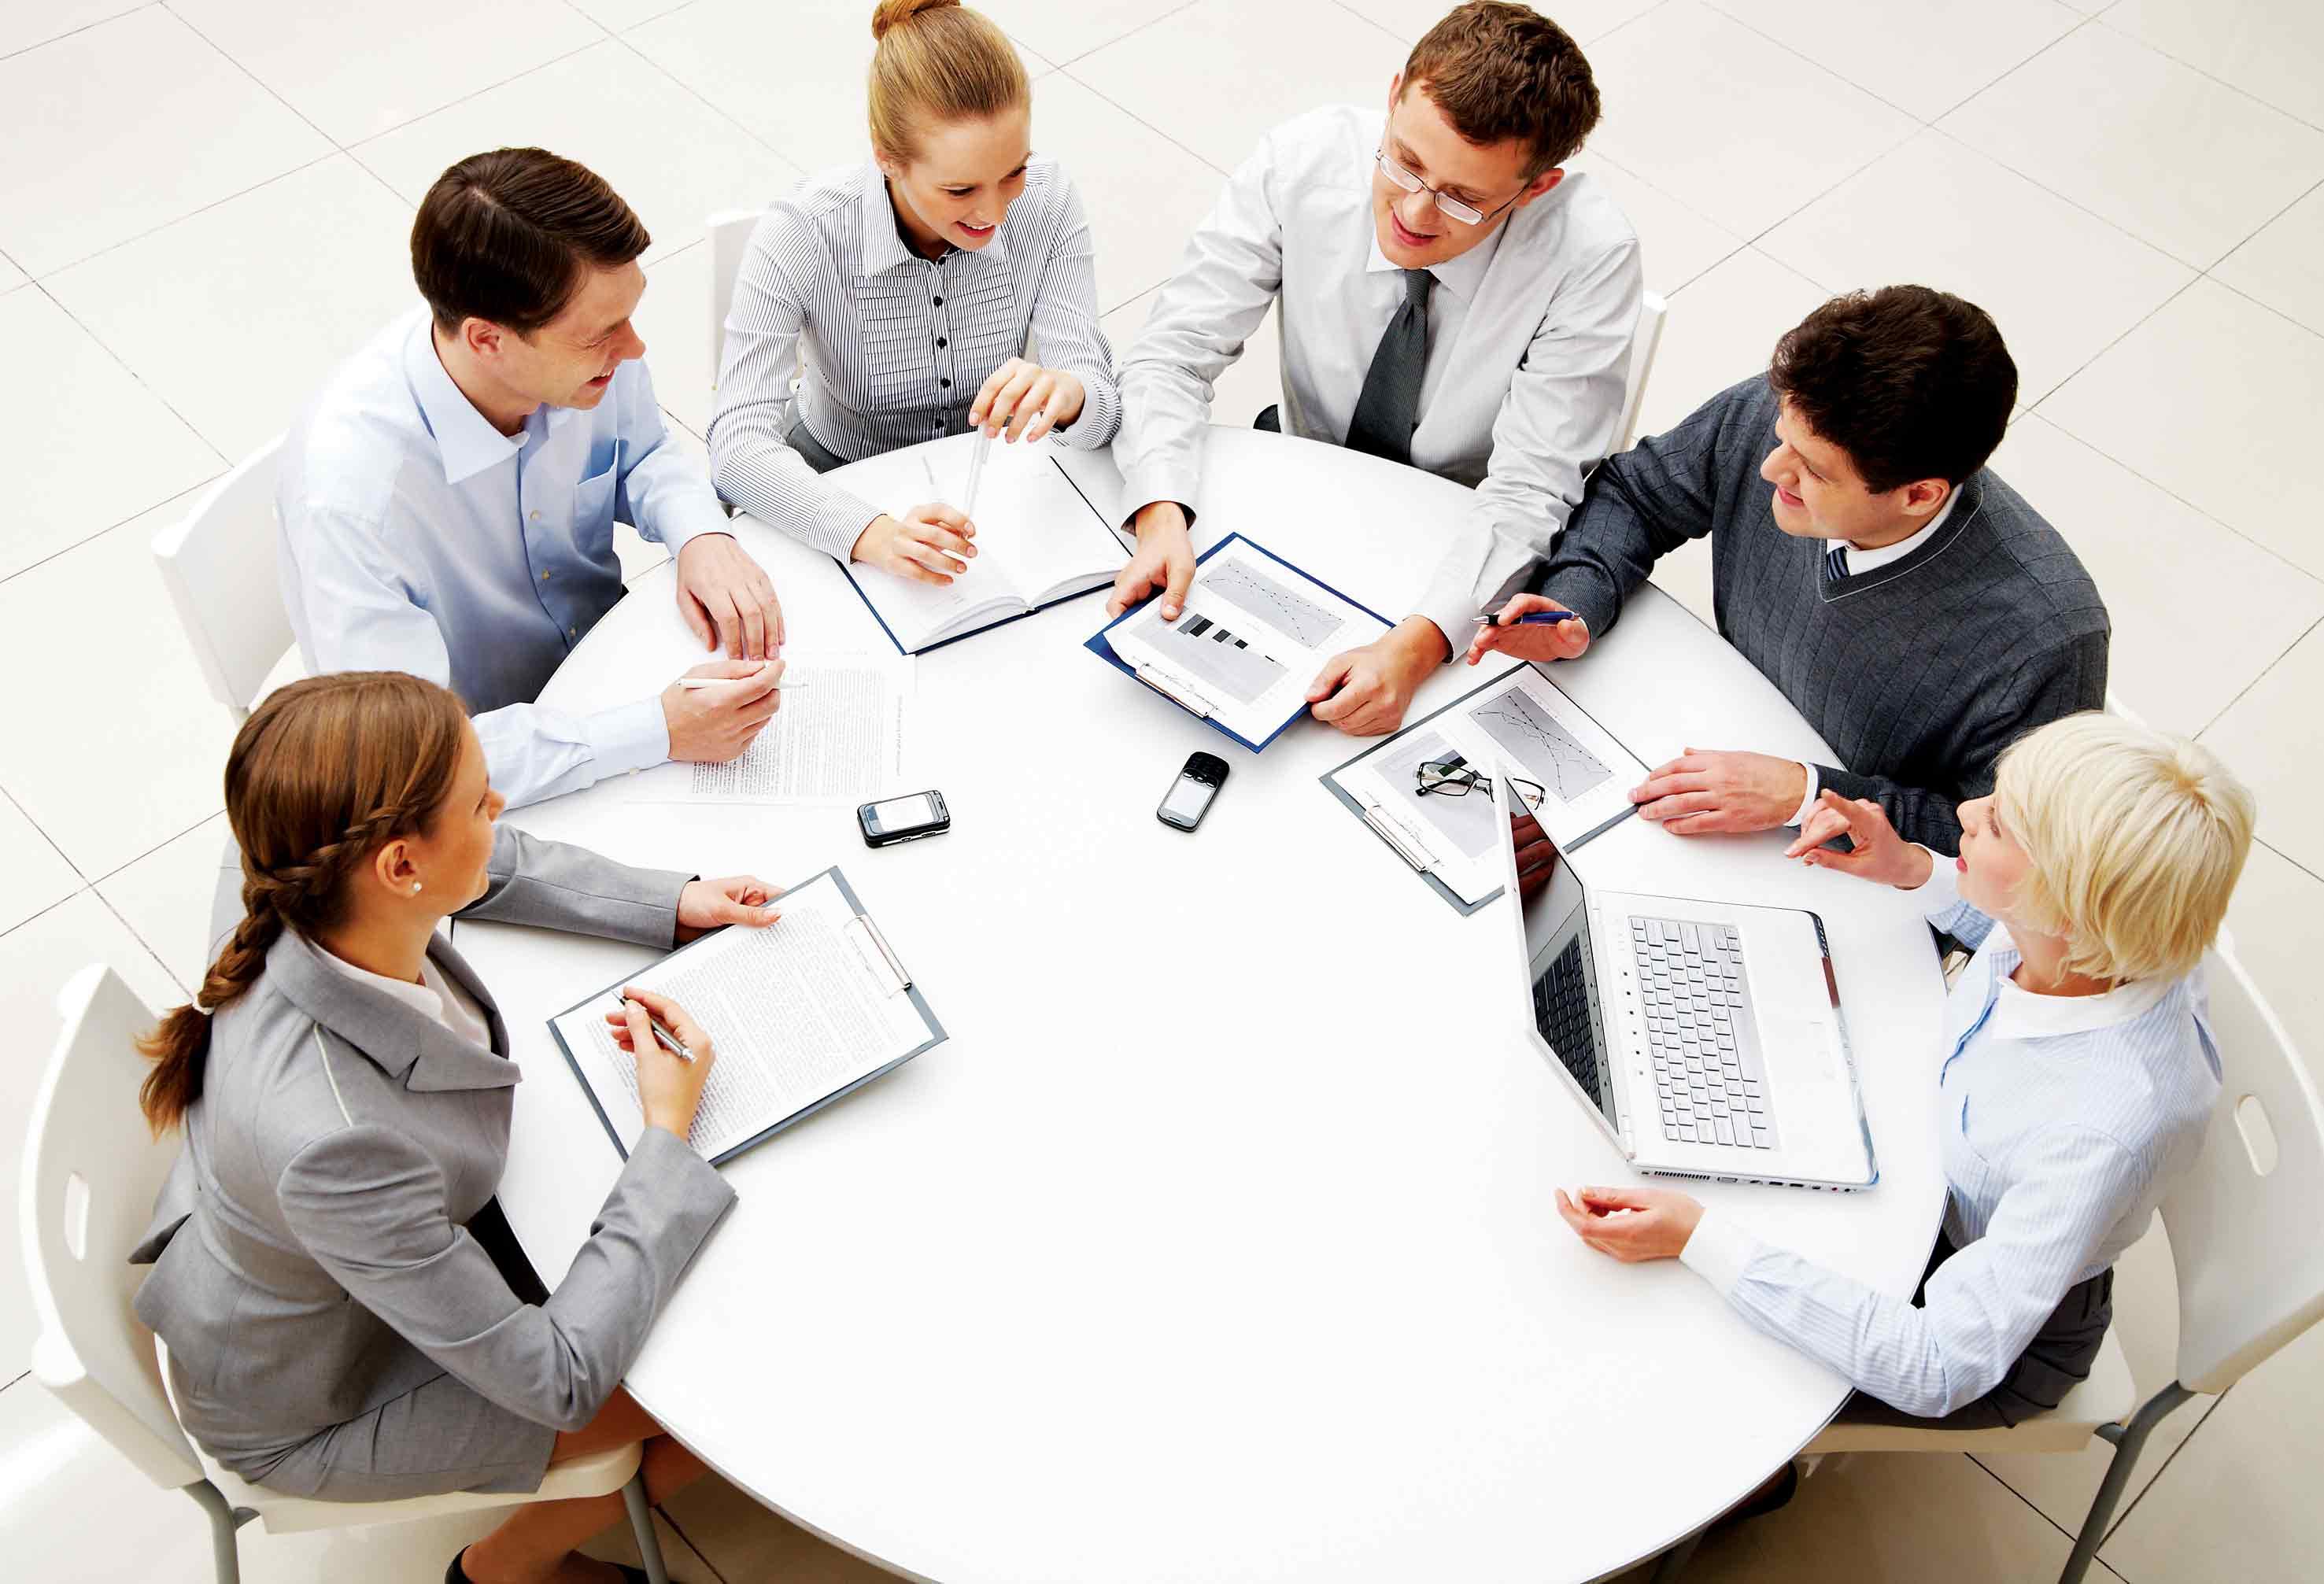 Tham gia đầy đủ các cuộc họp để nắm bắt thông tin của công ty